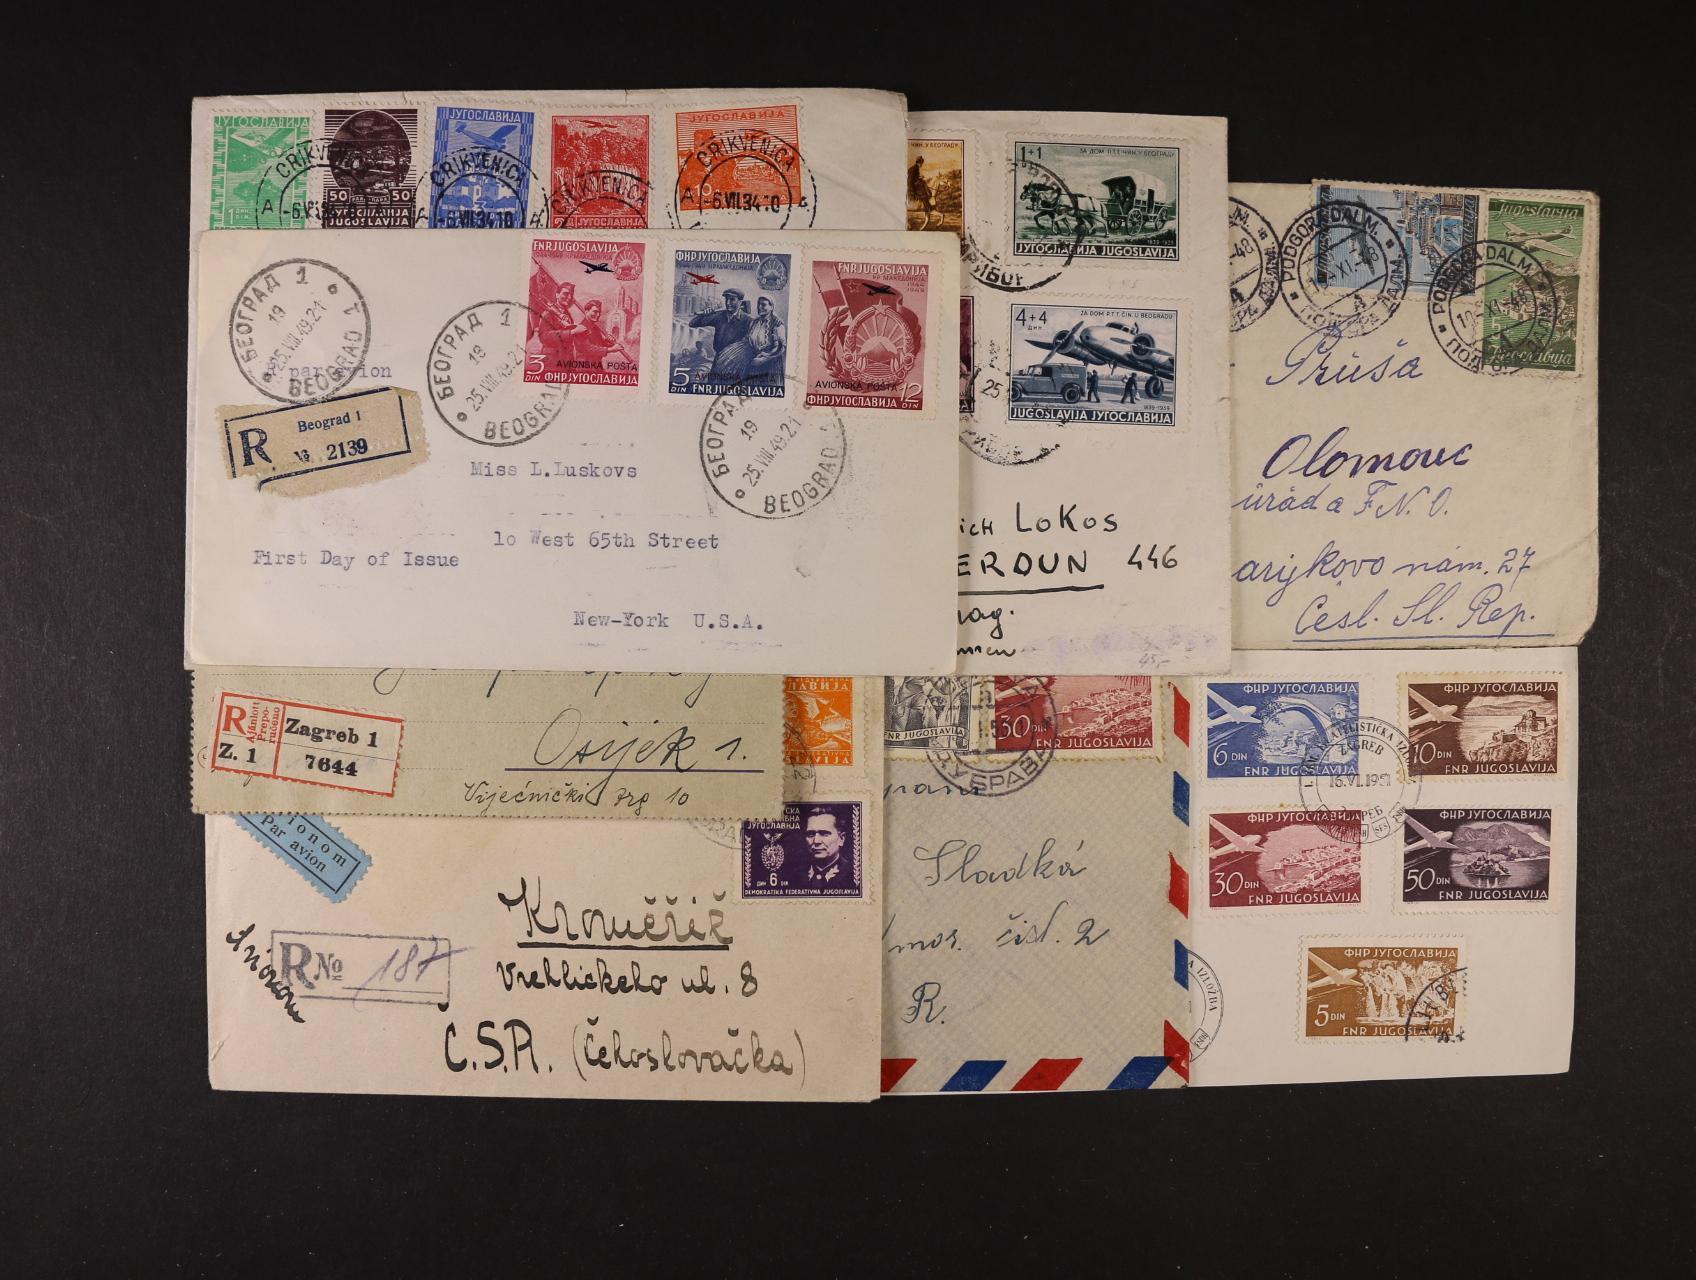 zajímavá sestava 7 ks celistvostí a výsřižku z let 1919 - 1949, zajímavé frankatury, razítka, mj. dopis do USA frank. zn. Mi. č. 575 - 7 s raz. 1. dne